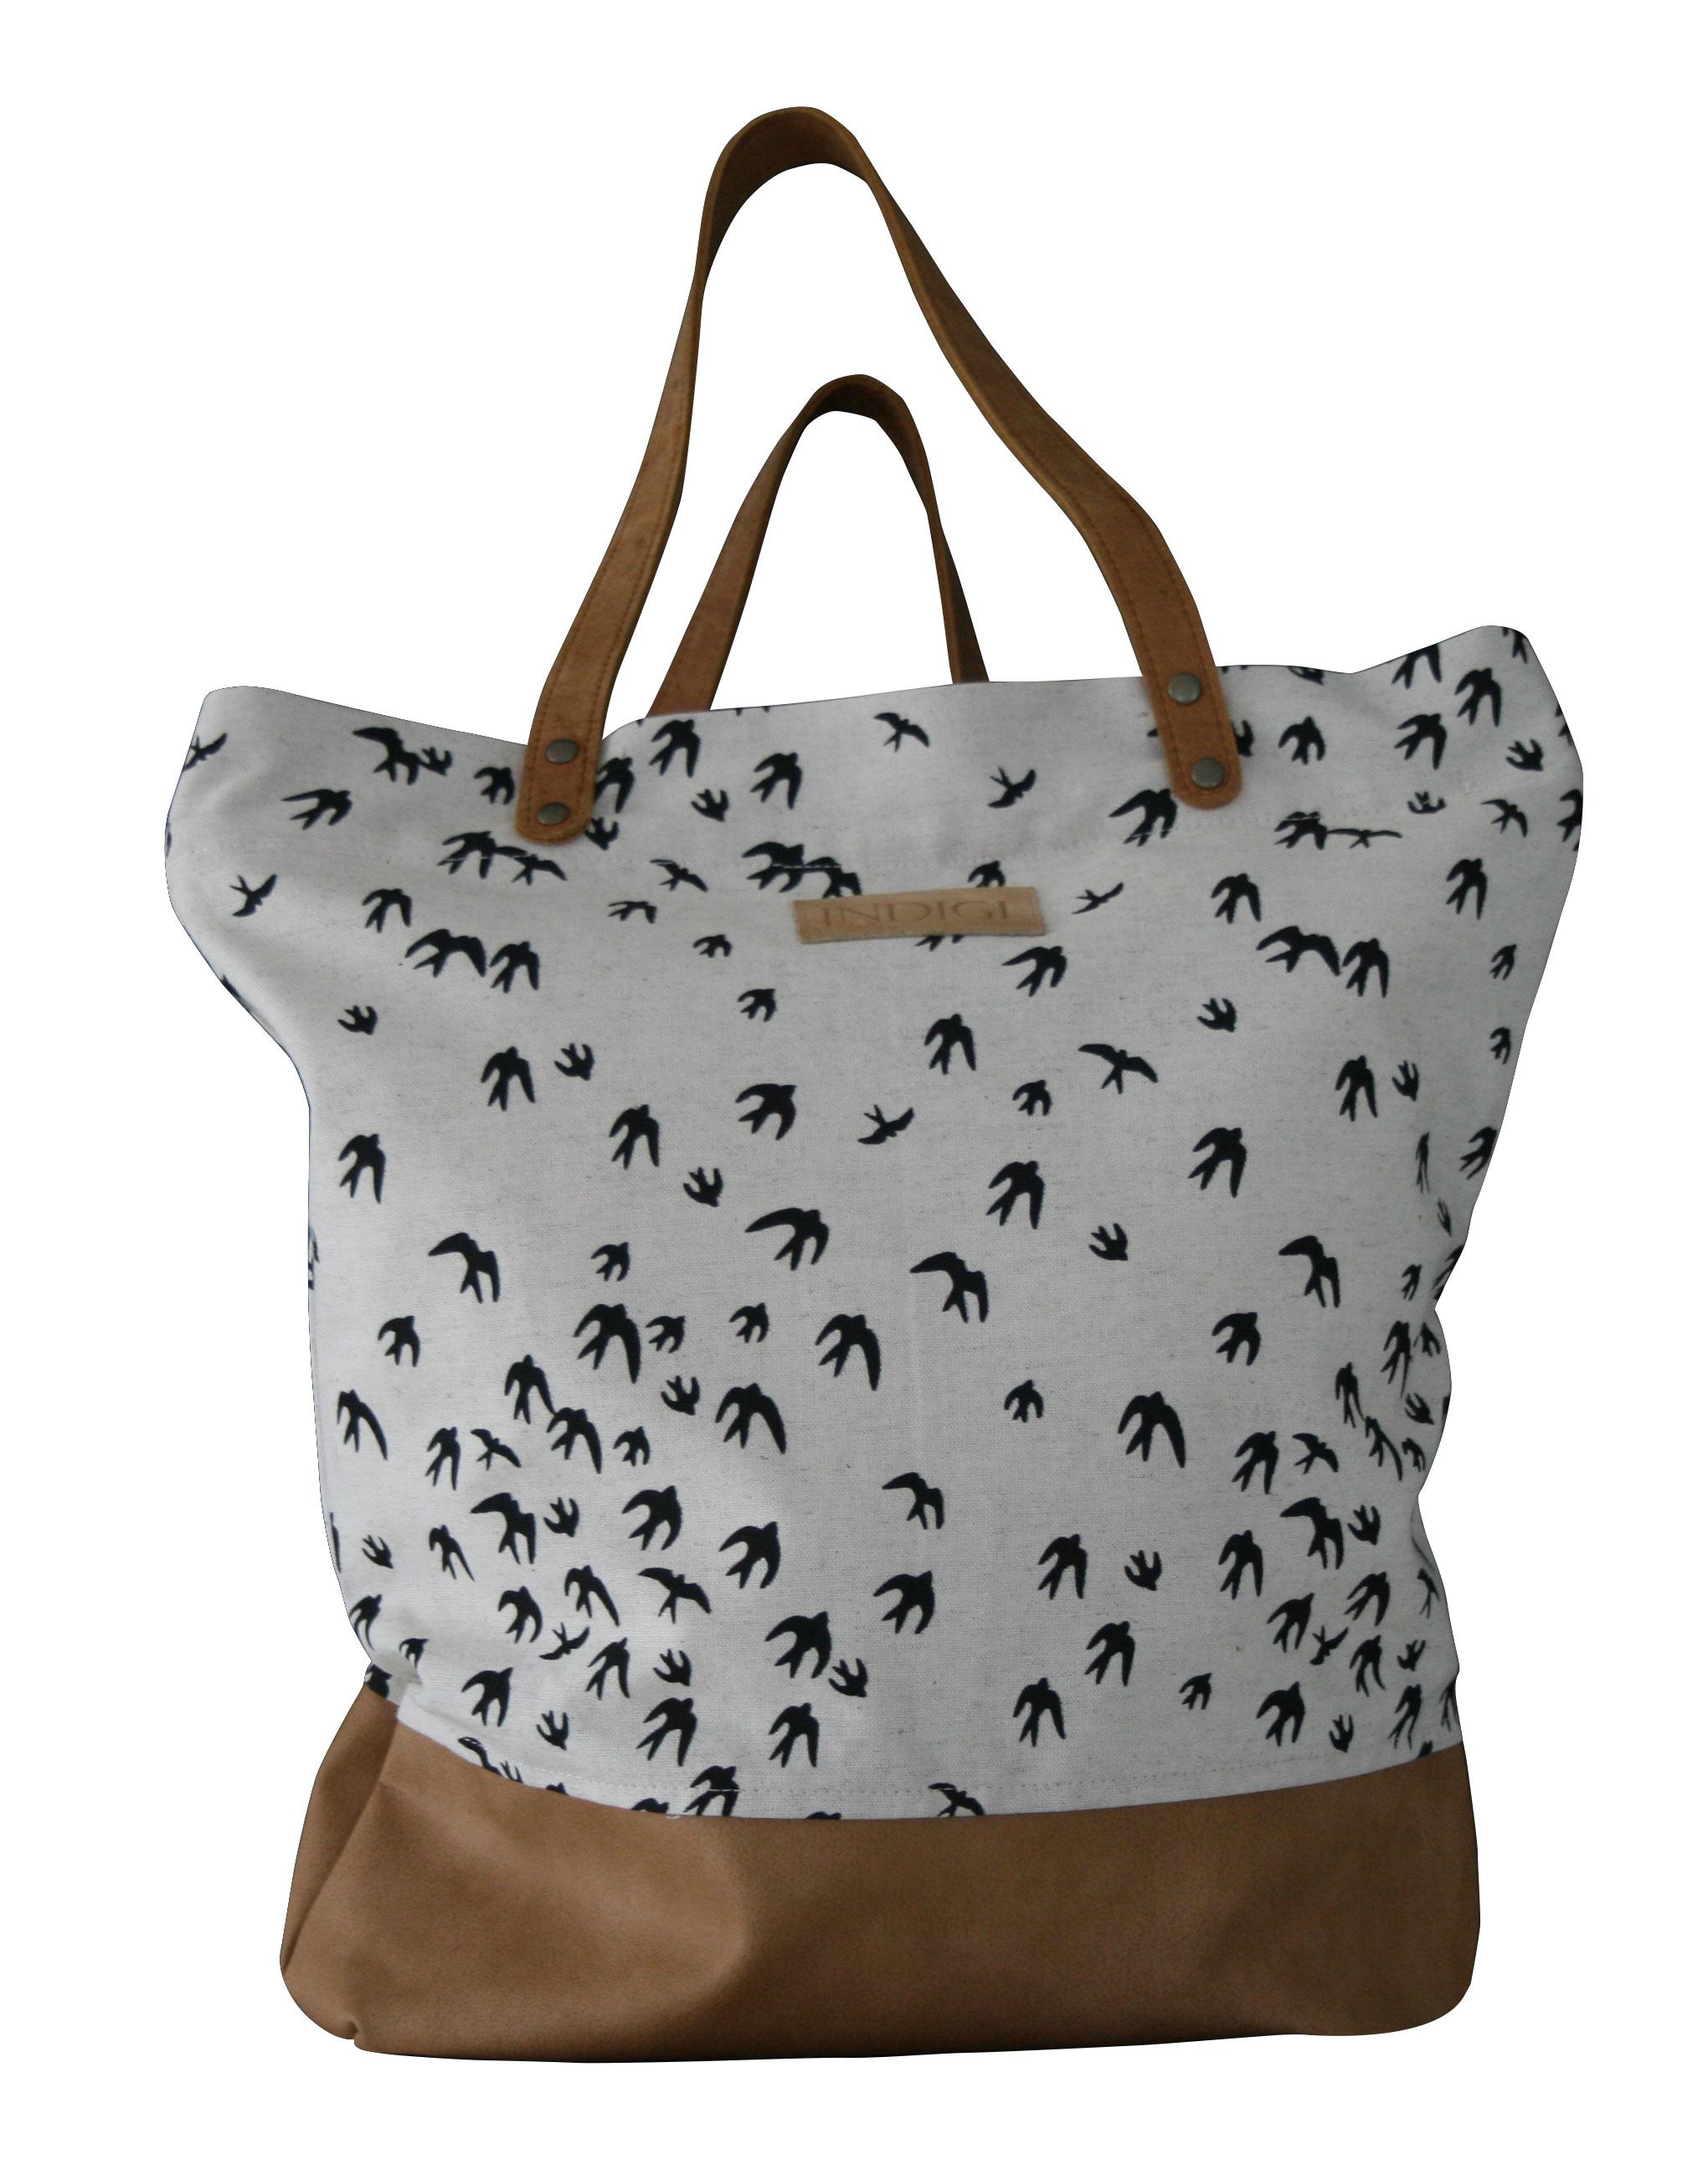 Shoulder Bag with Leather Base and Handles Birds (Black)